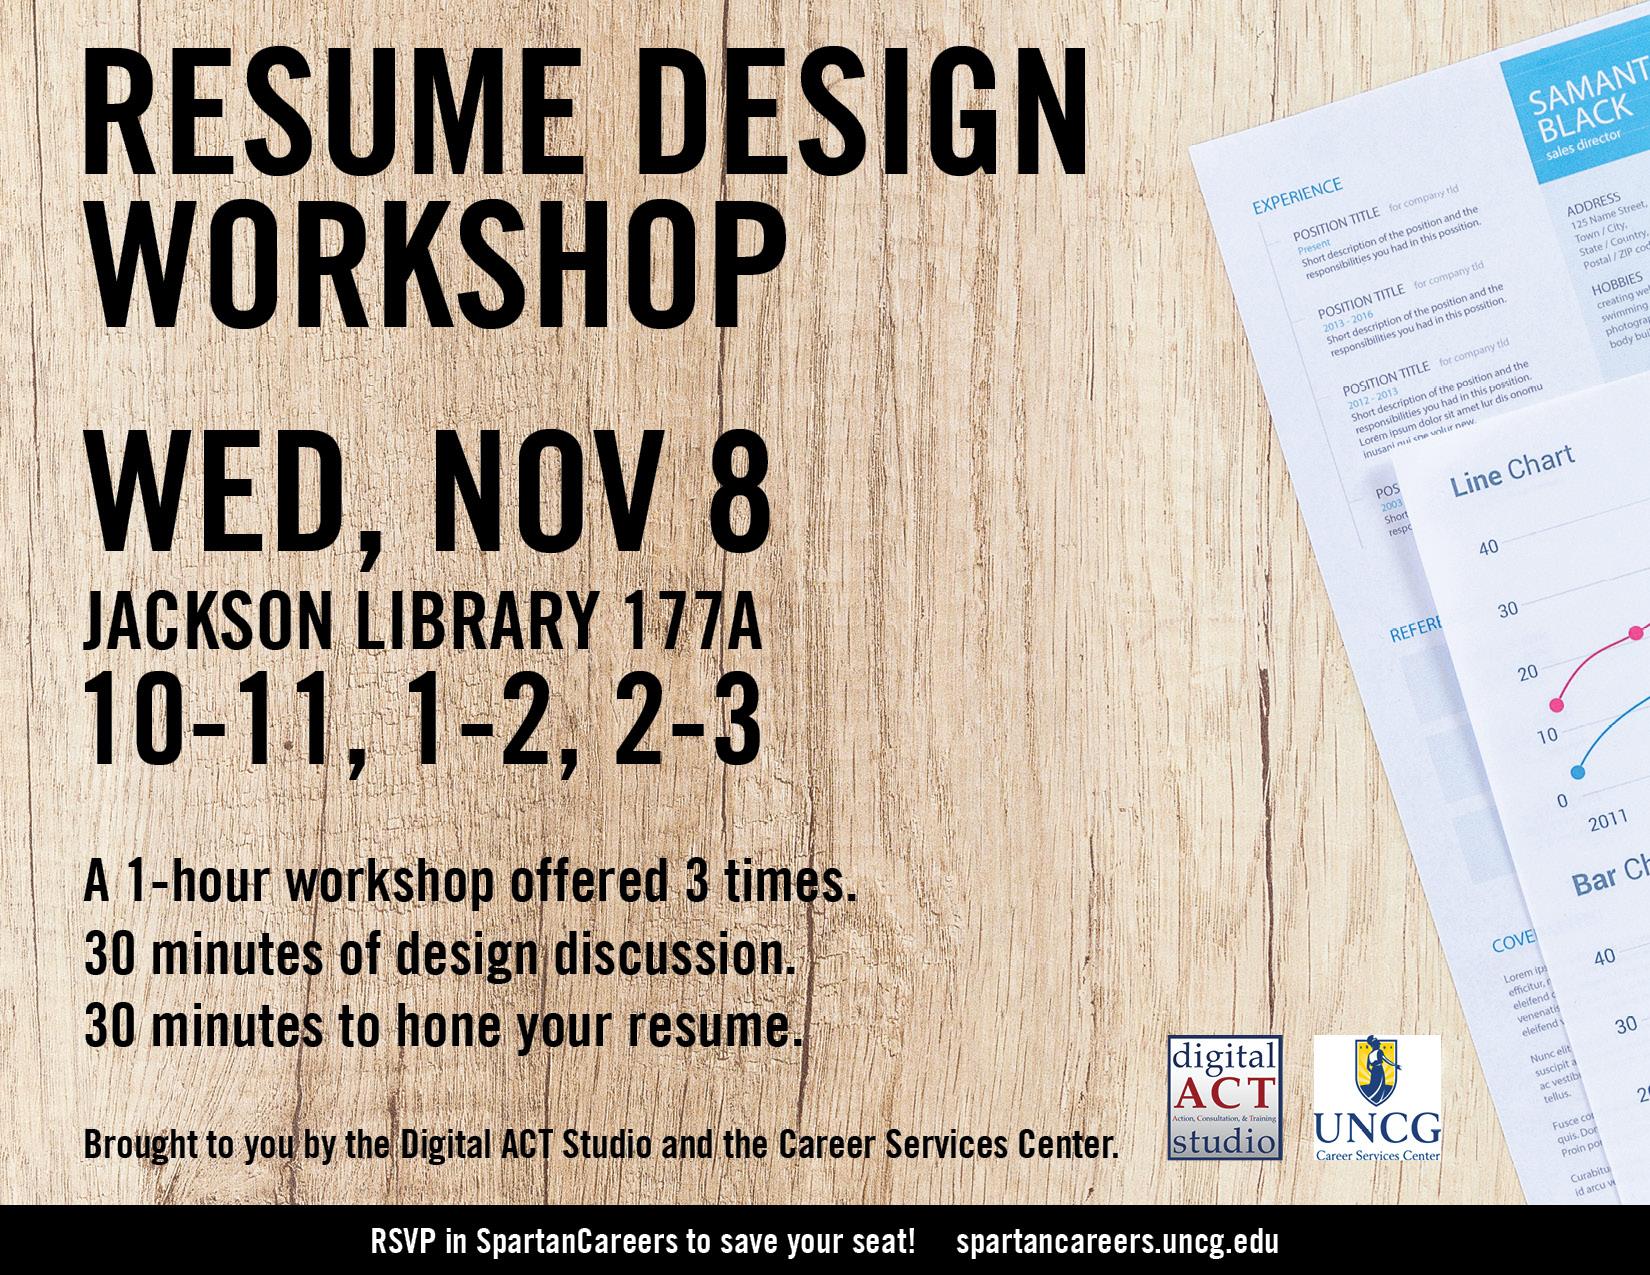 resume design workshop  nov  8